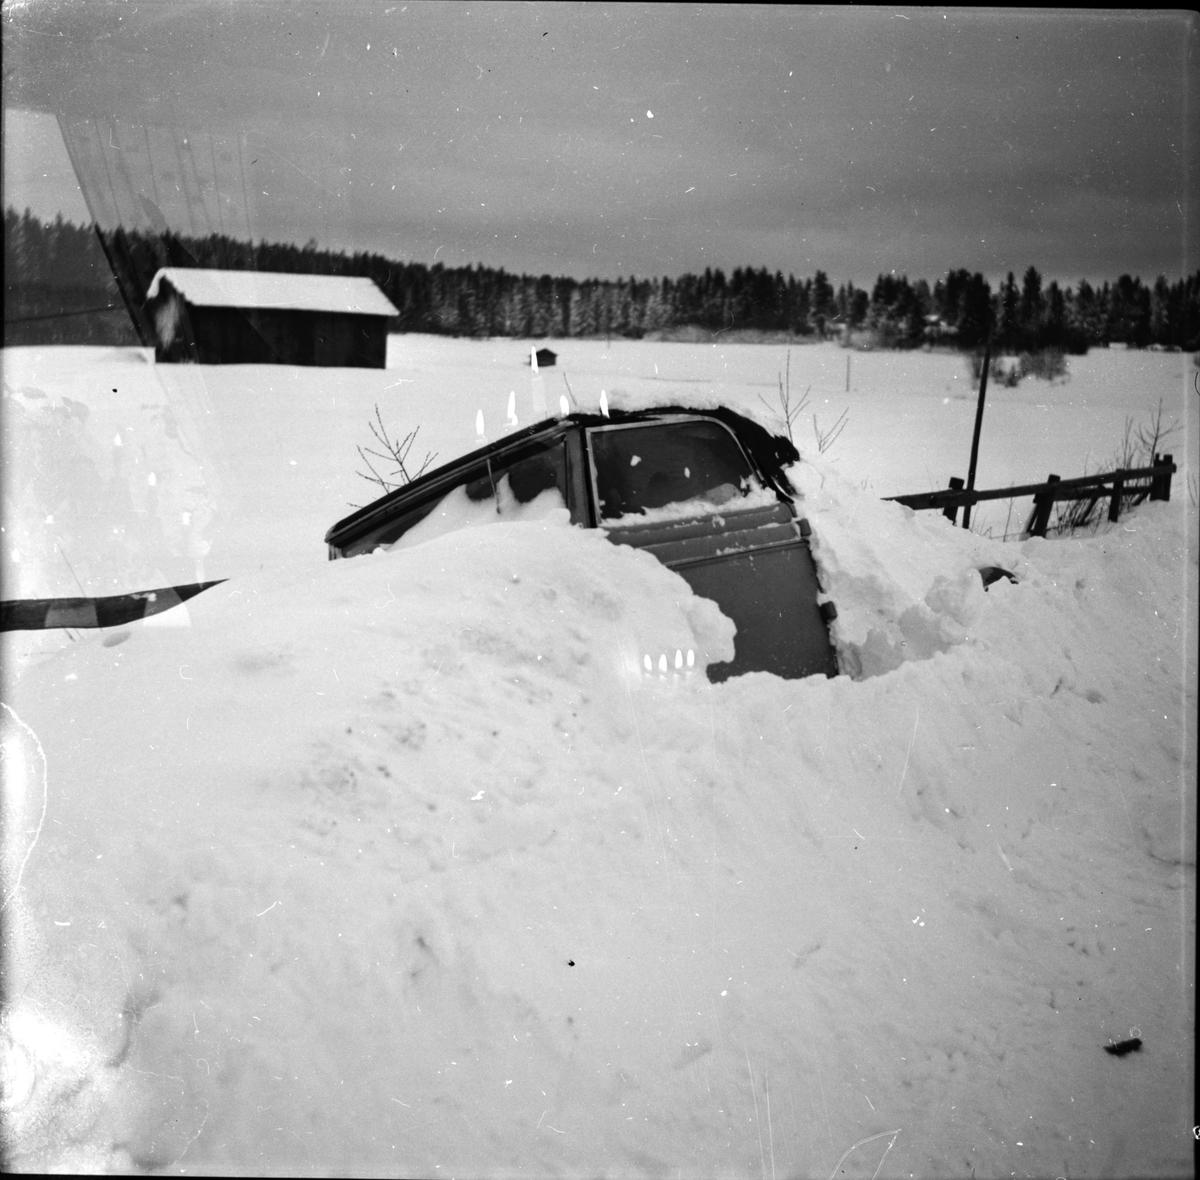 Snöbilder, Ovädret, 1955